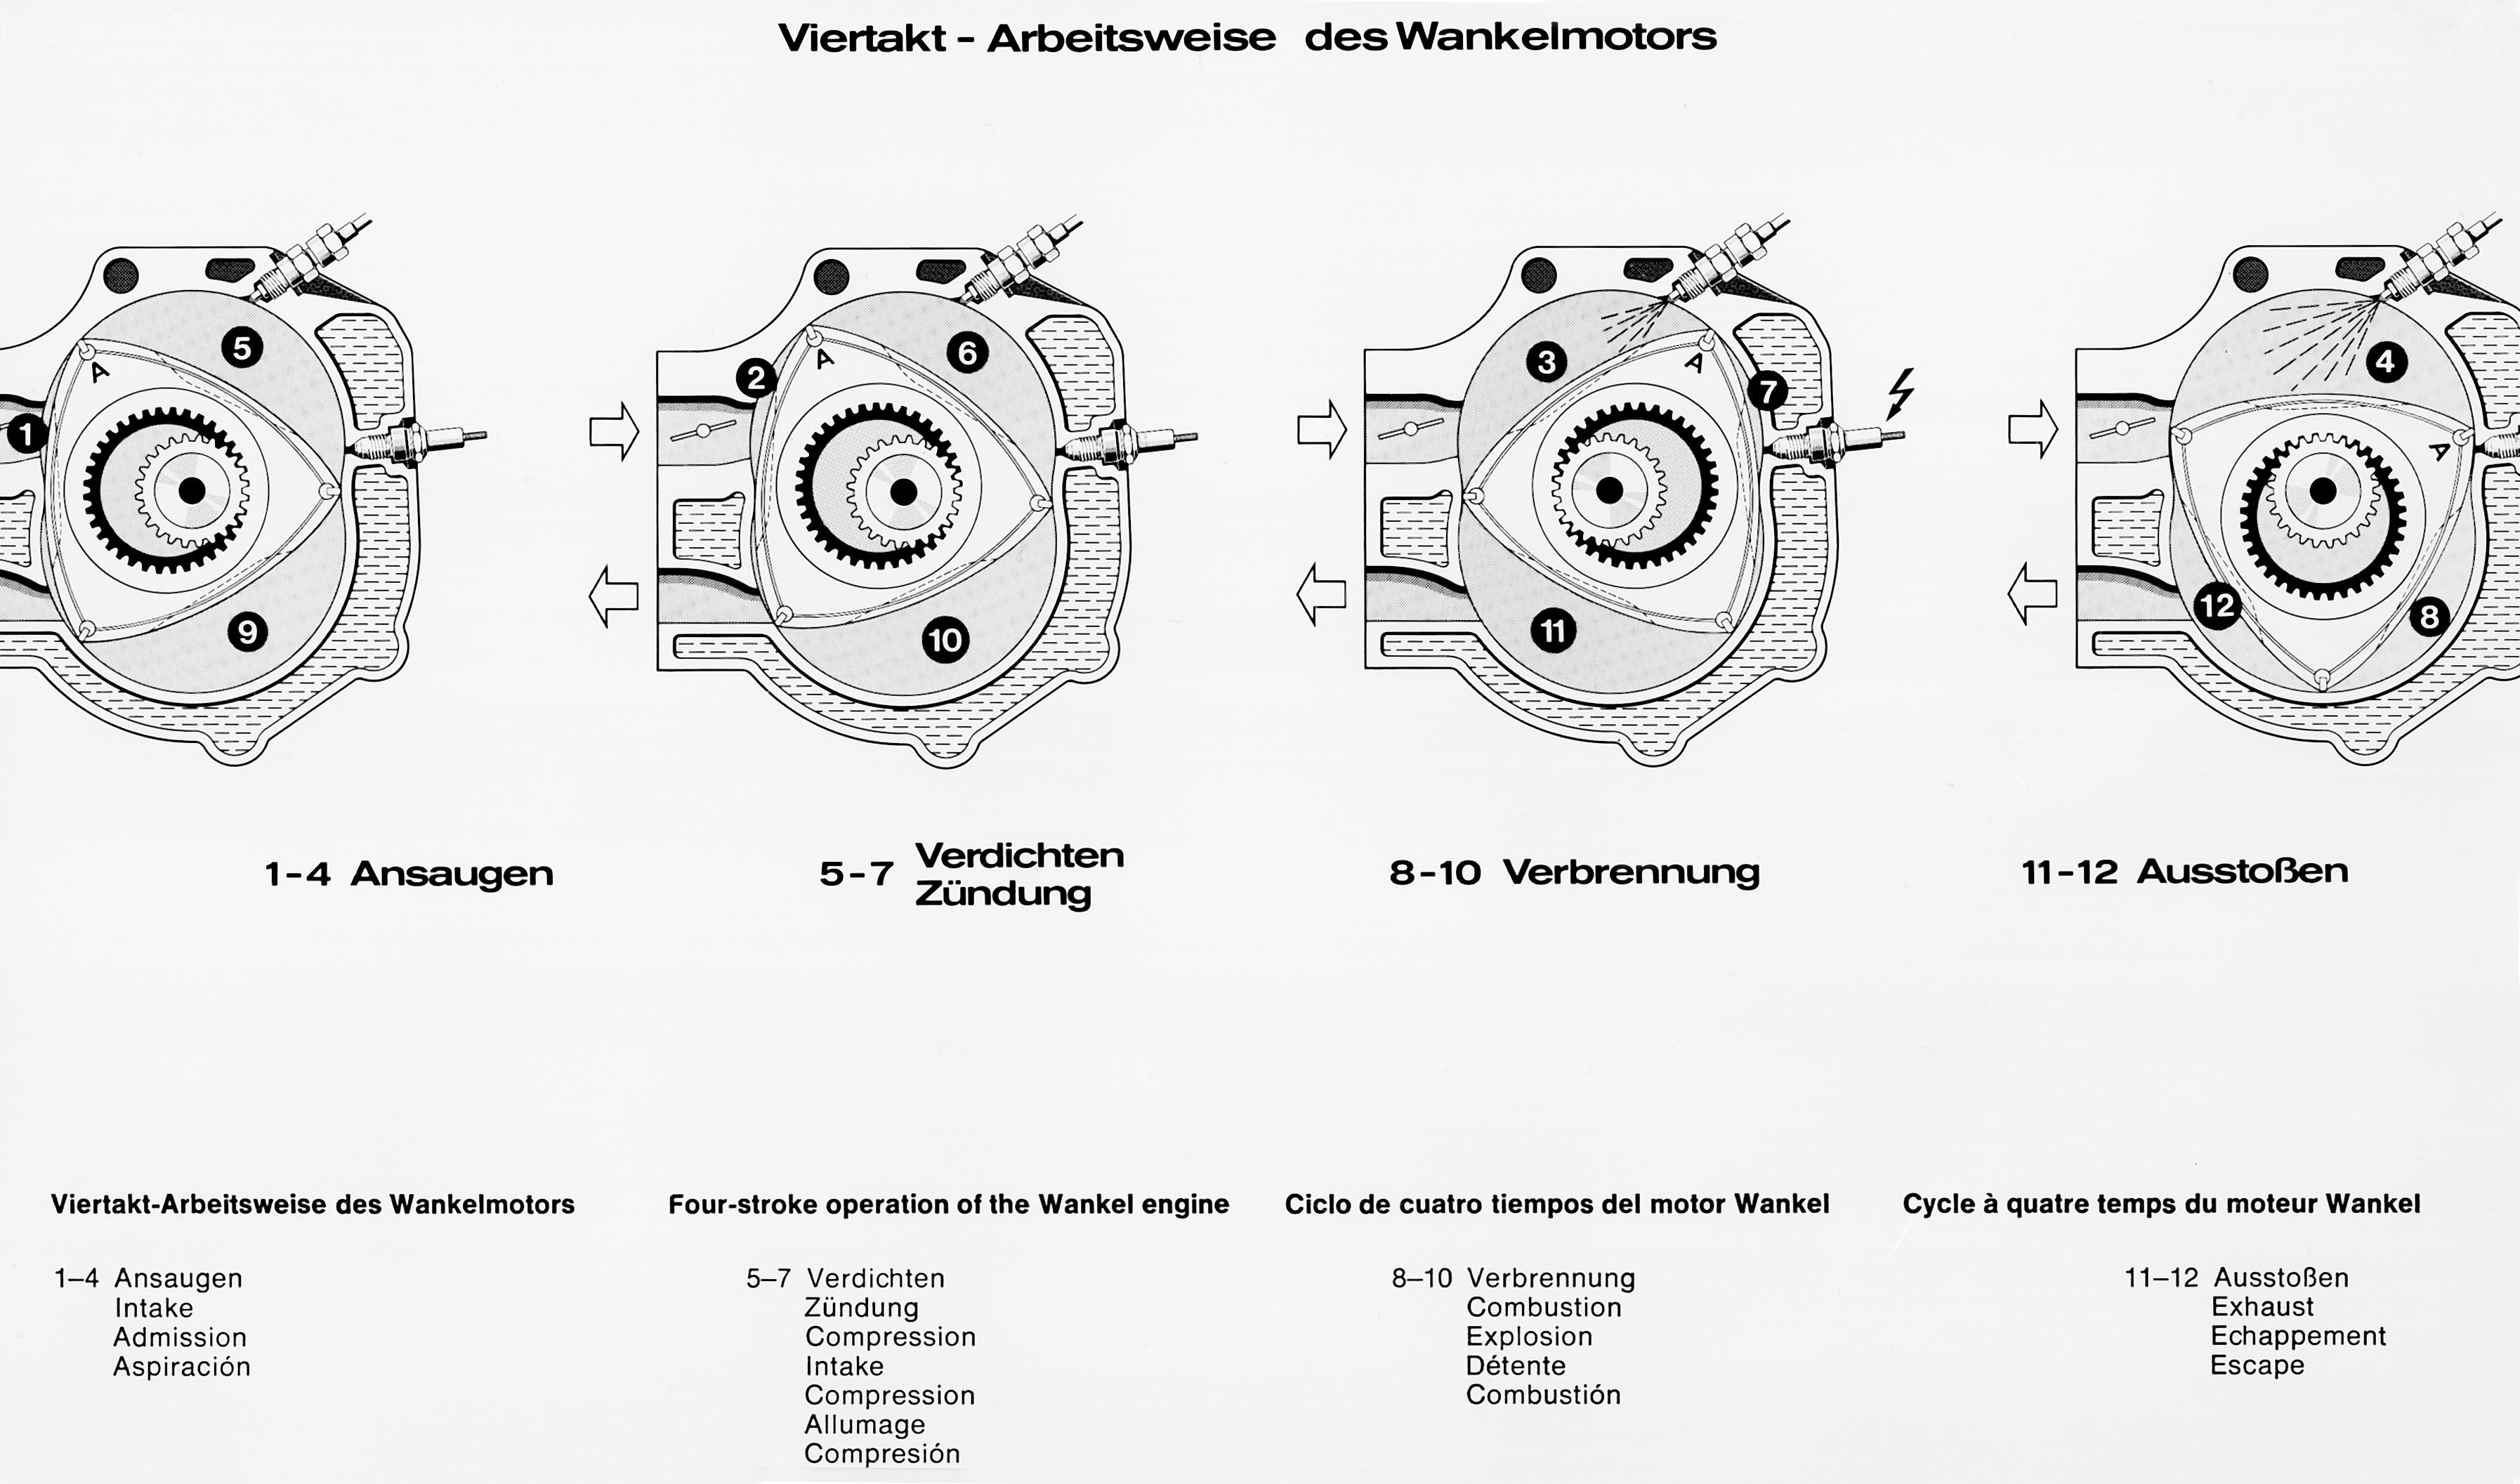 Caption orig.: Viertakt-Arbeitsweise des 4-Scheiben- Wankelmotors vom Typ Mercedes-Benz C 111/II